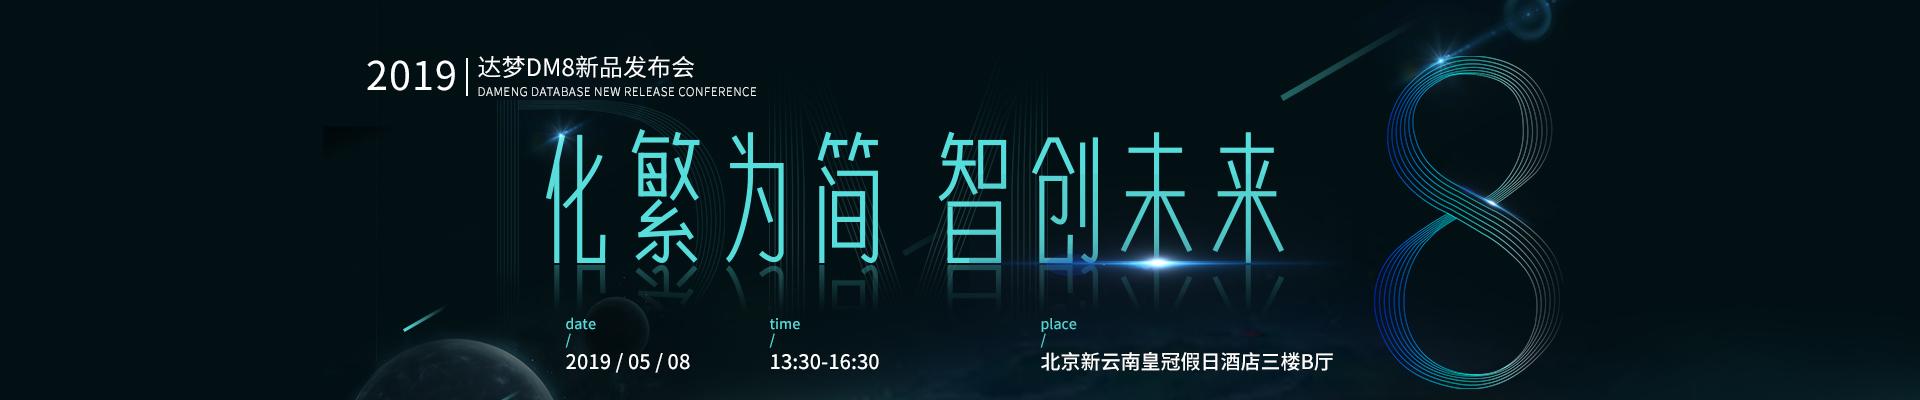 化繁为简,智创未来!达梦公司DM8新产品发布会与您不见不散!